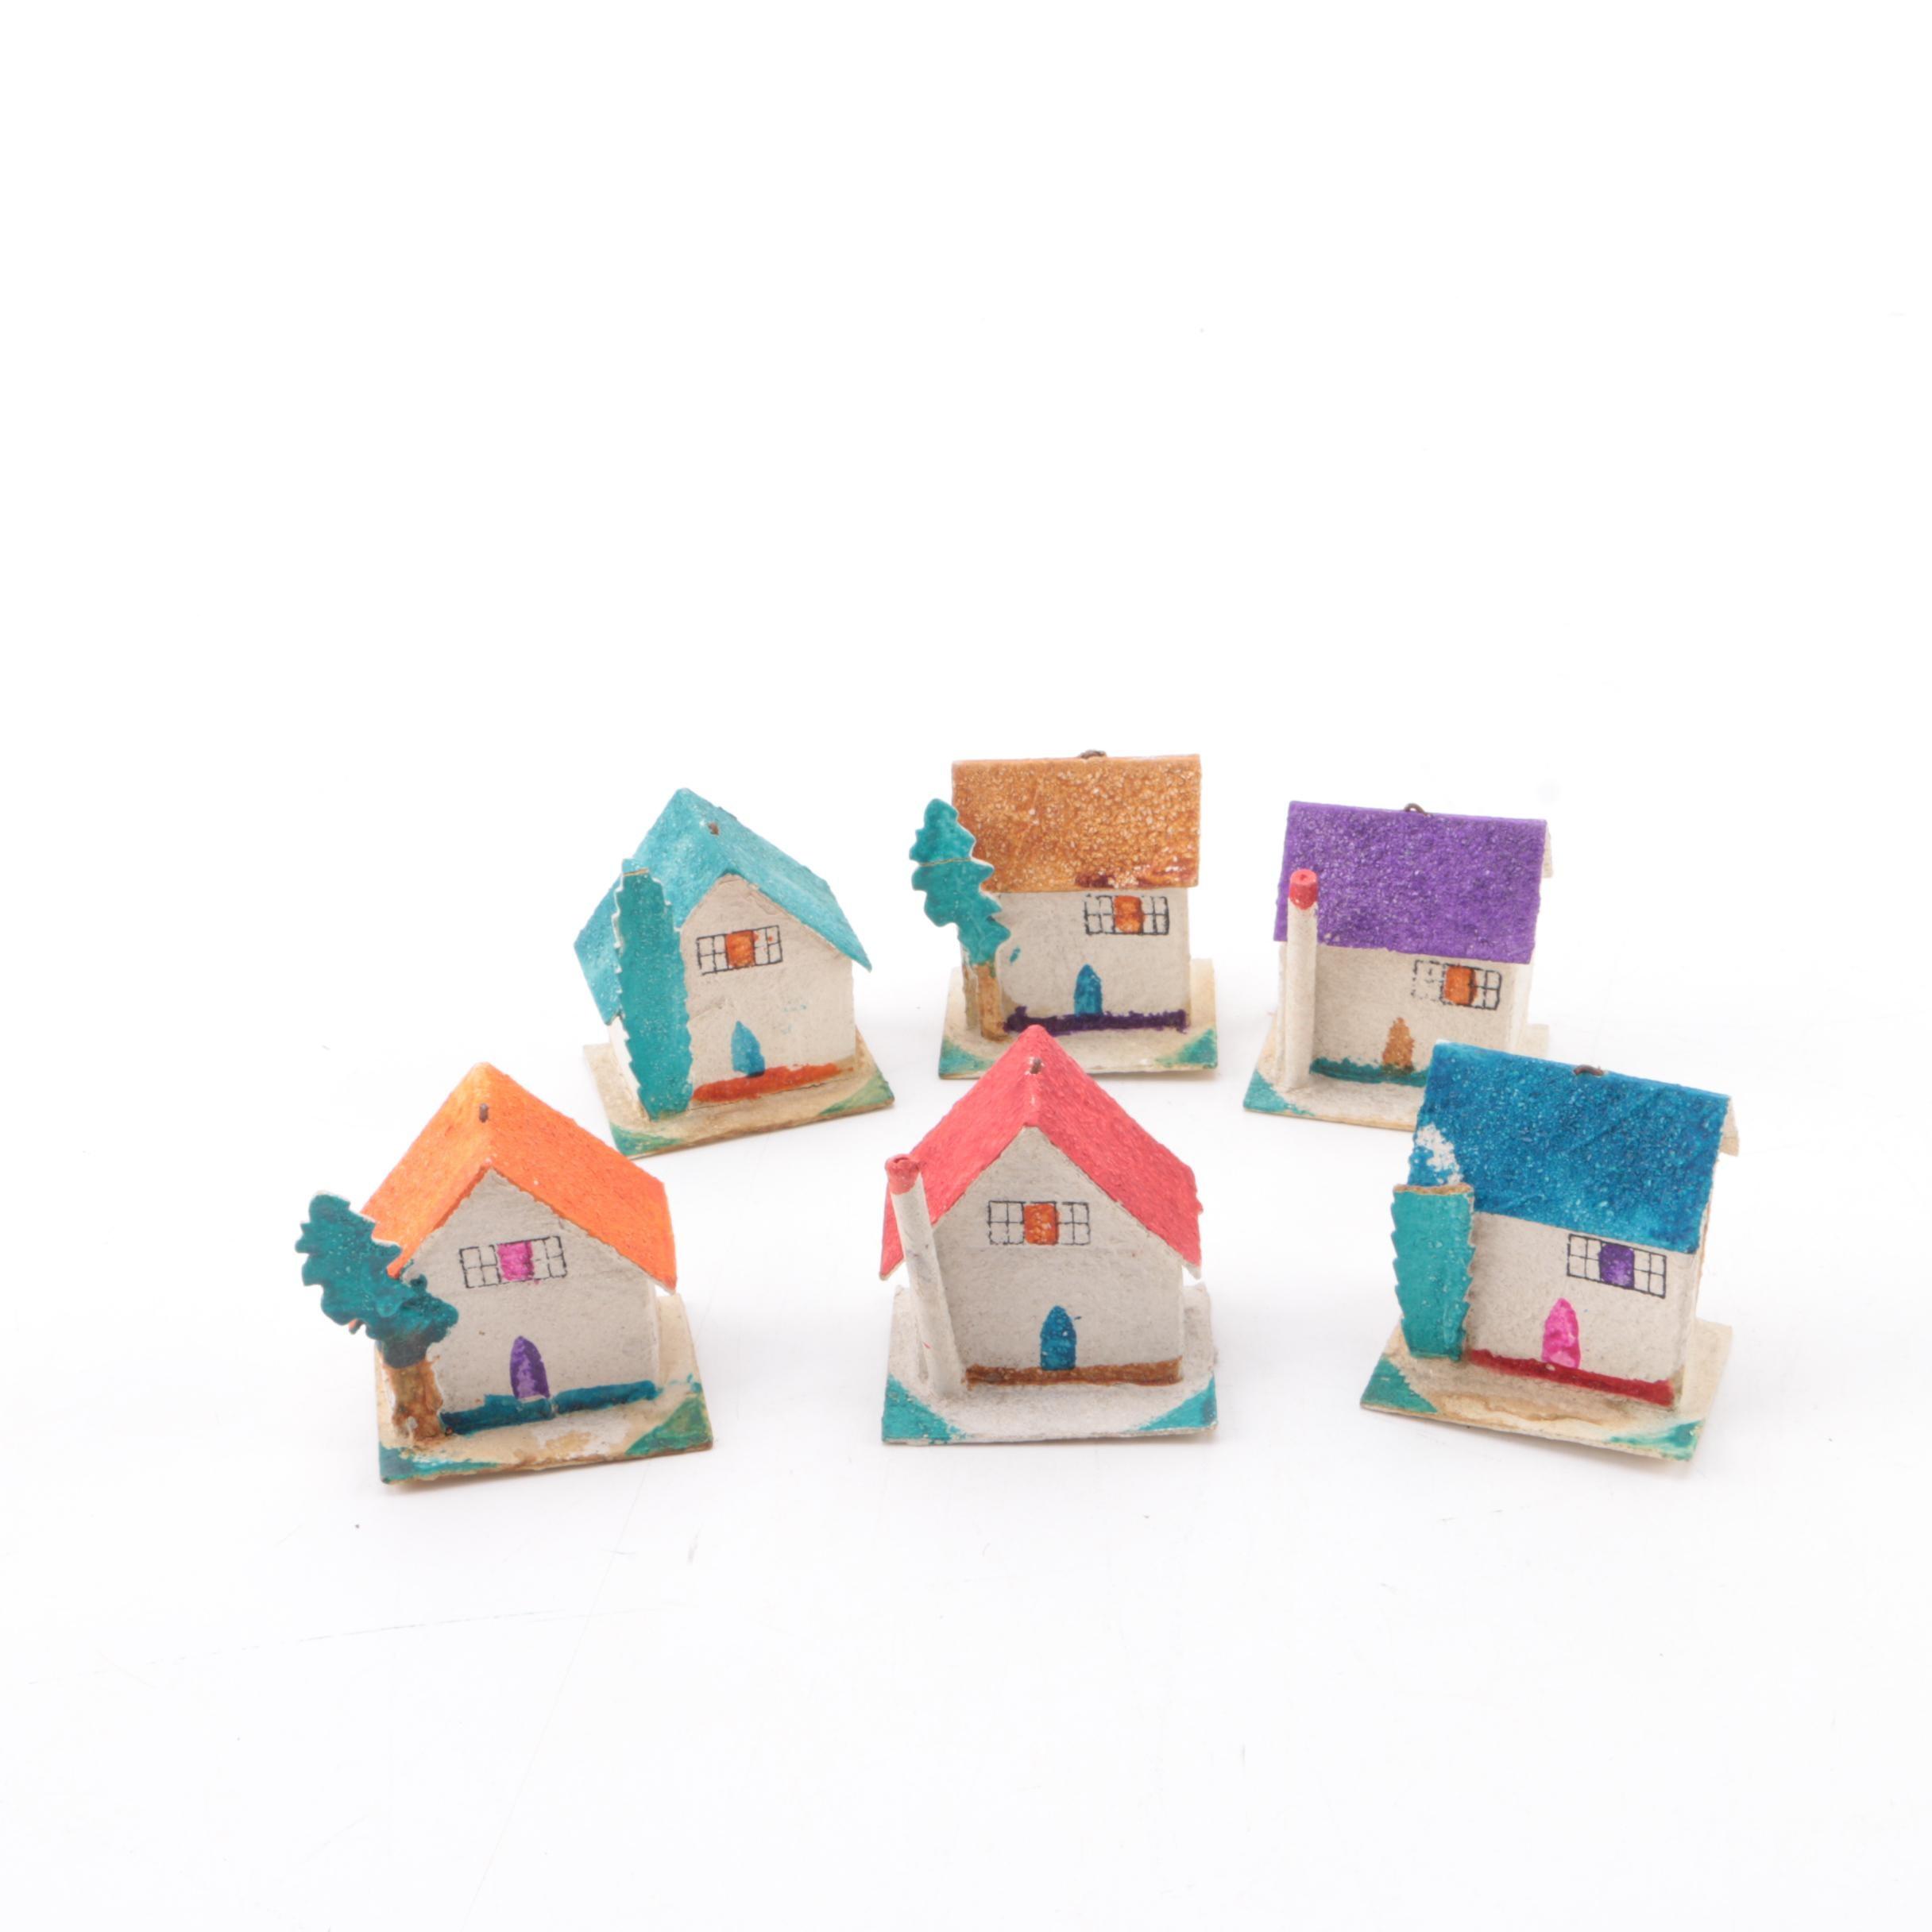 Vintage Japanese Miniature Papier-Mâché Toy Houses